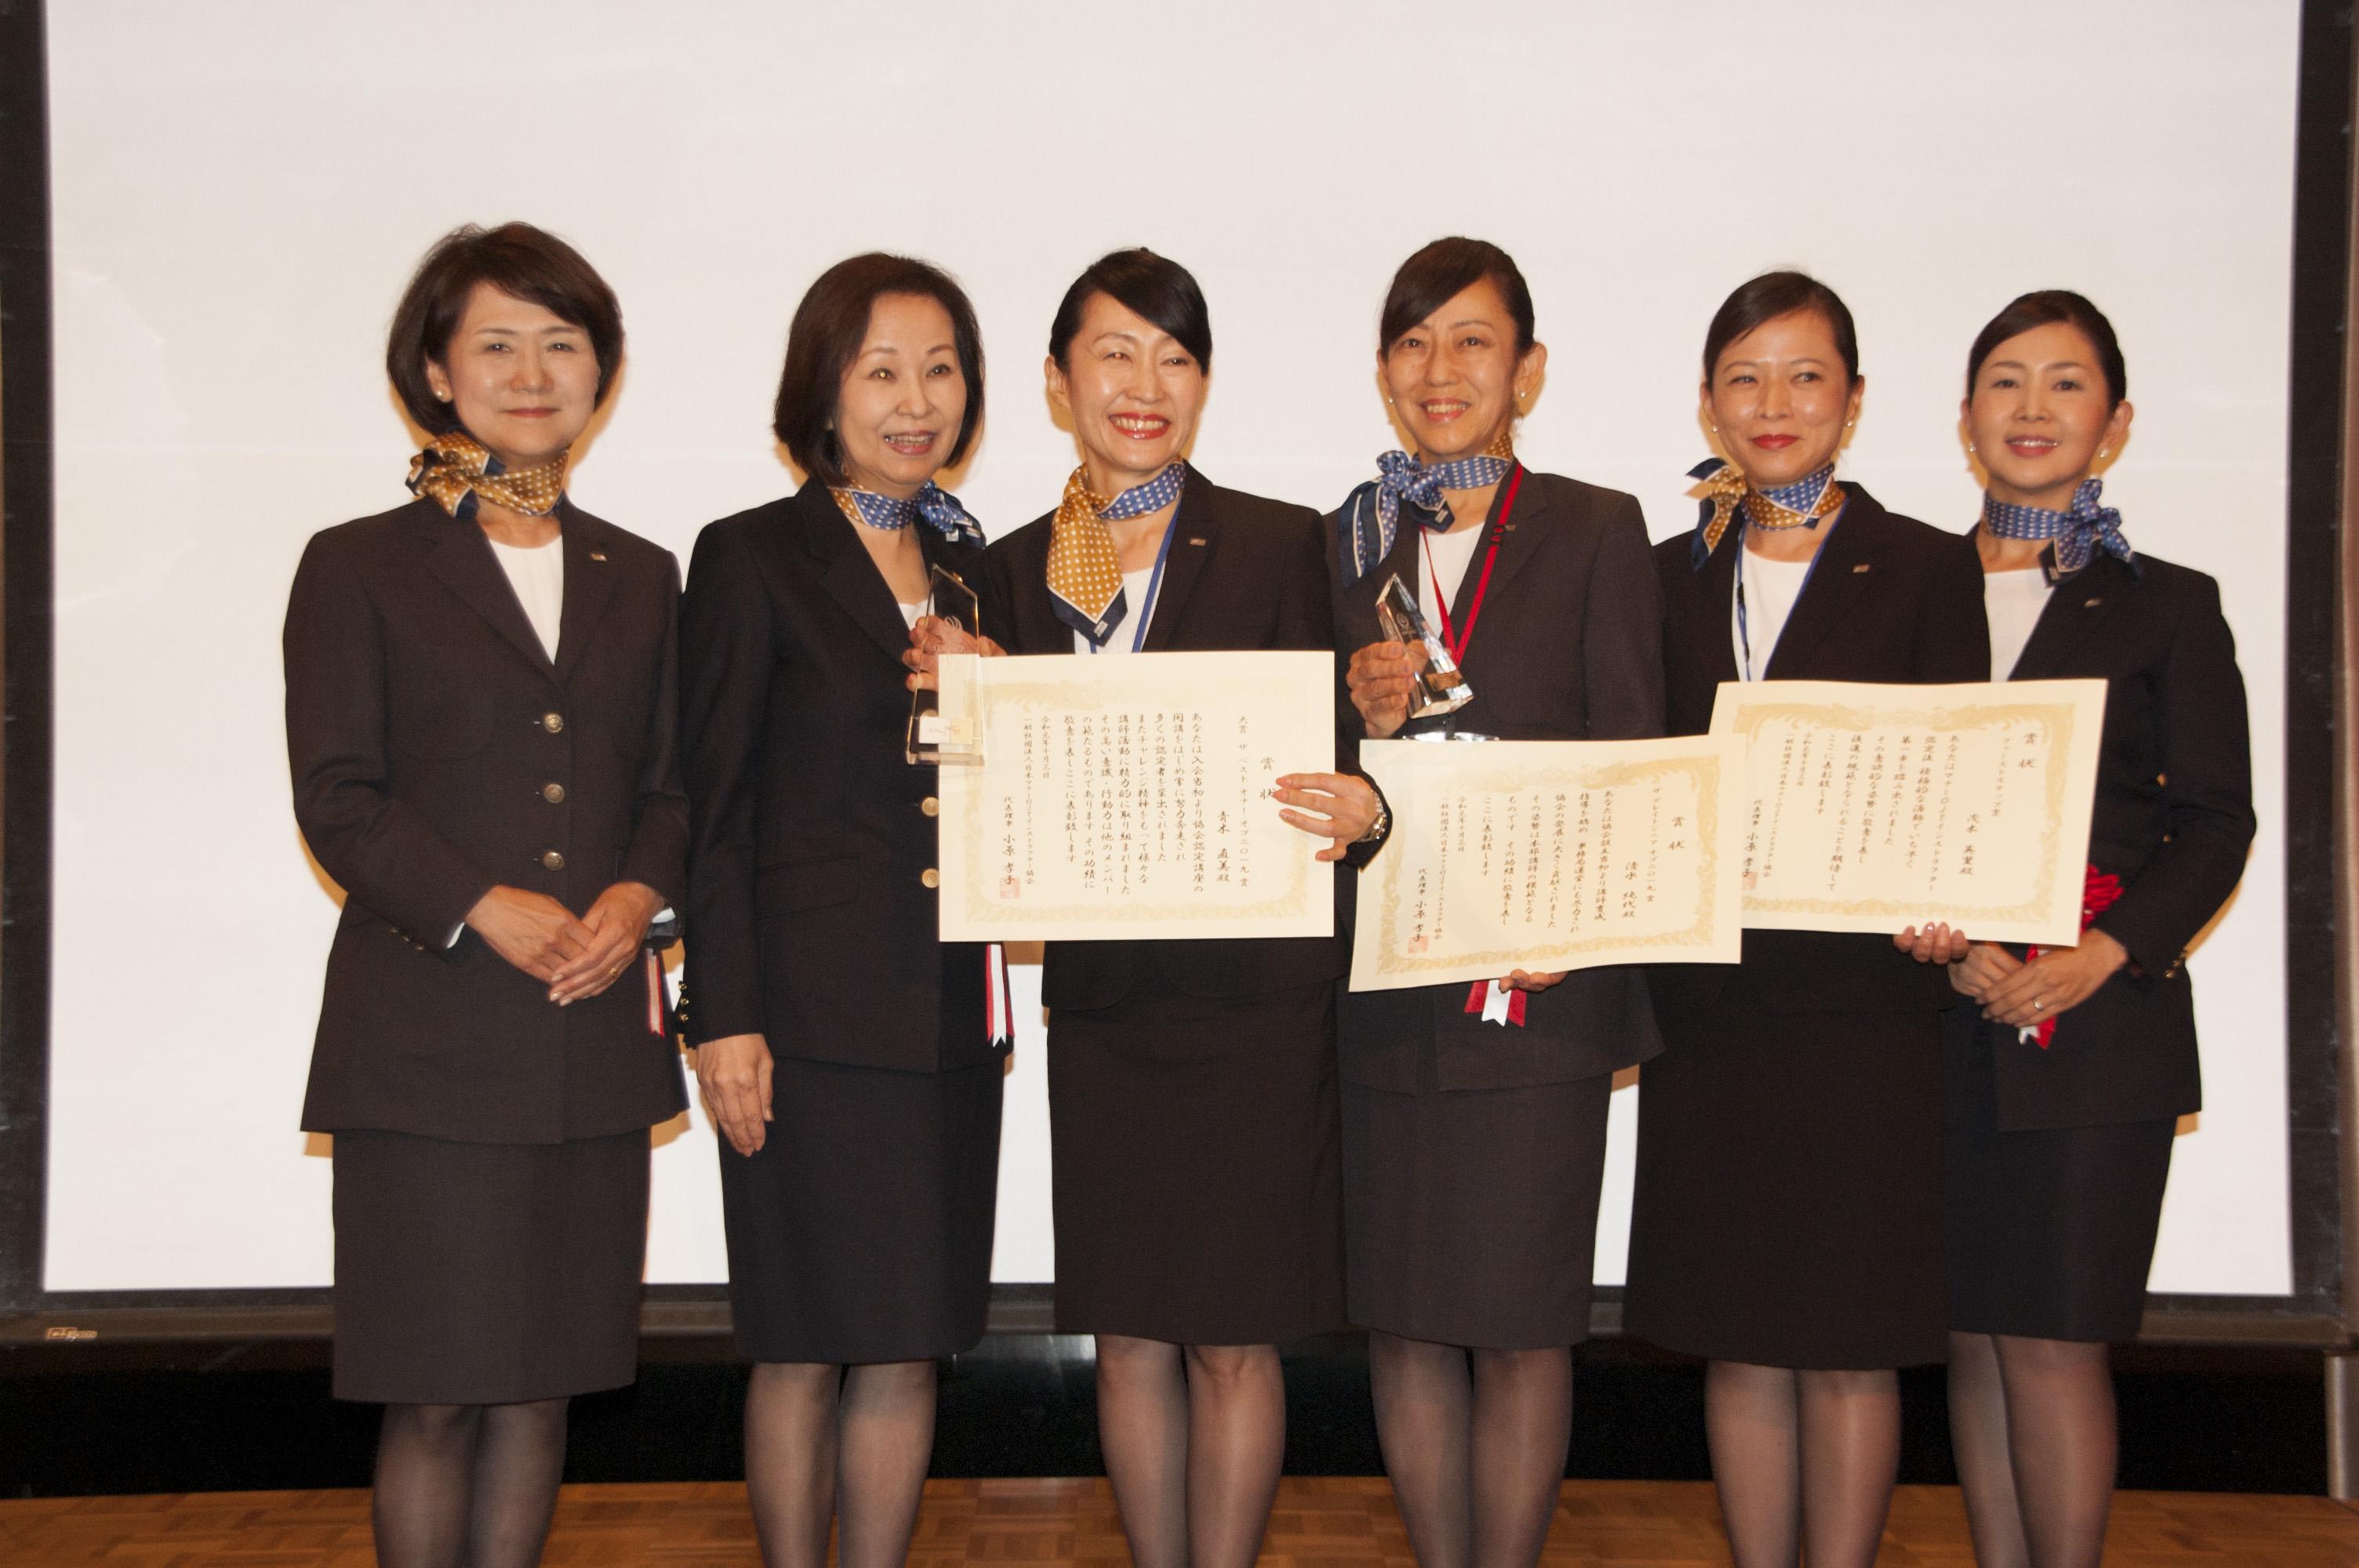 今年も頑張った会員がJAMOIアワードにて表彰されました